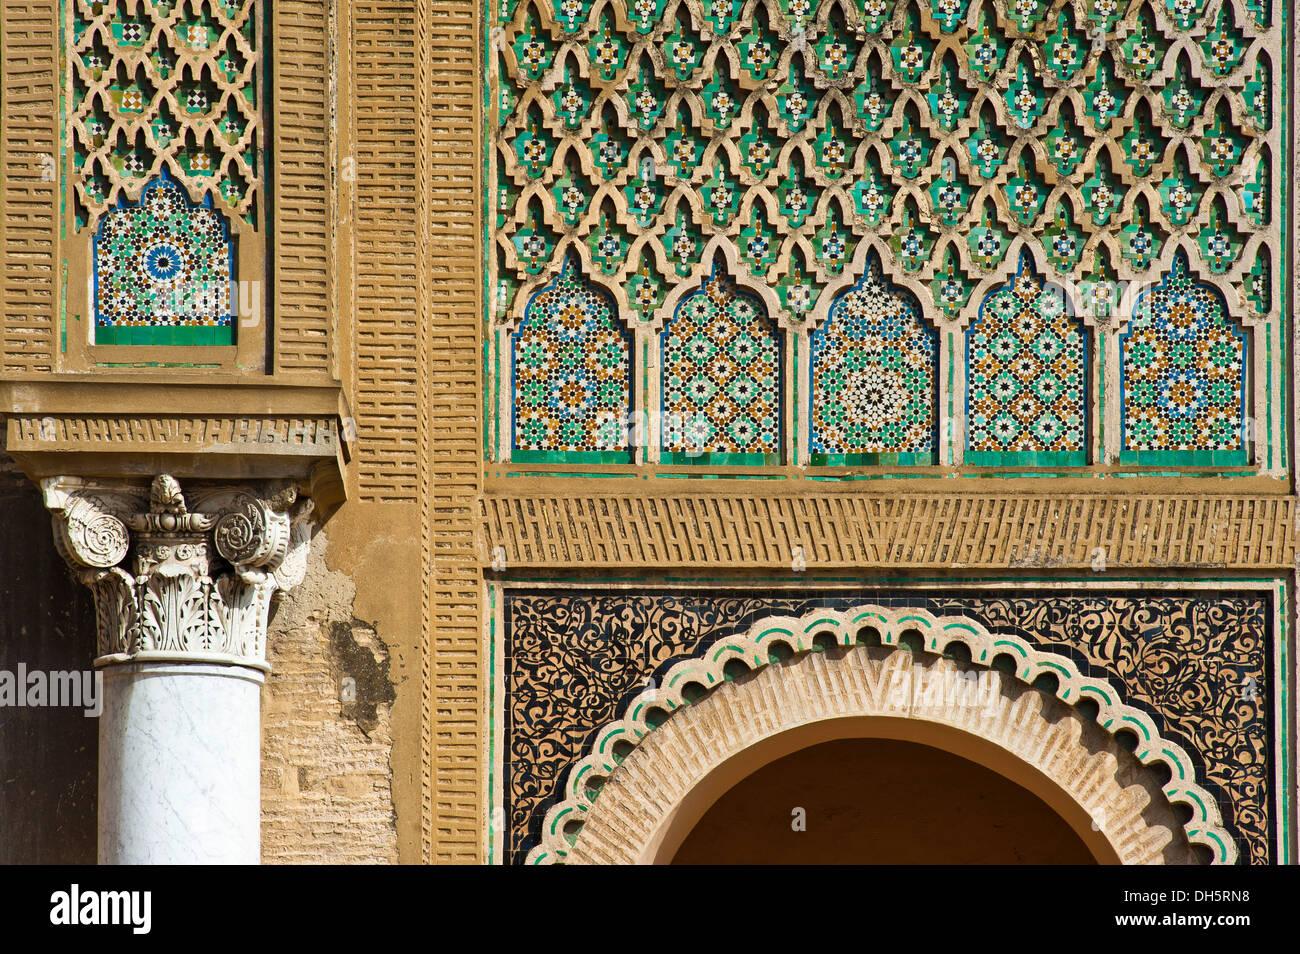 Colonne con decorazioni e mosaici di piastrelle zellige zillij o